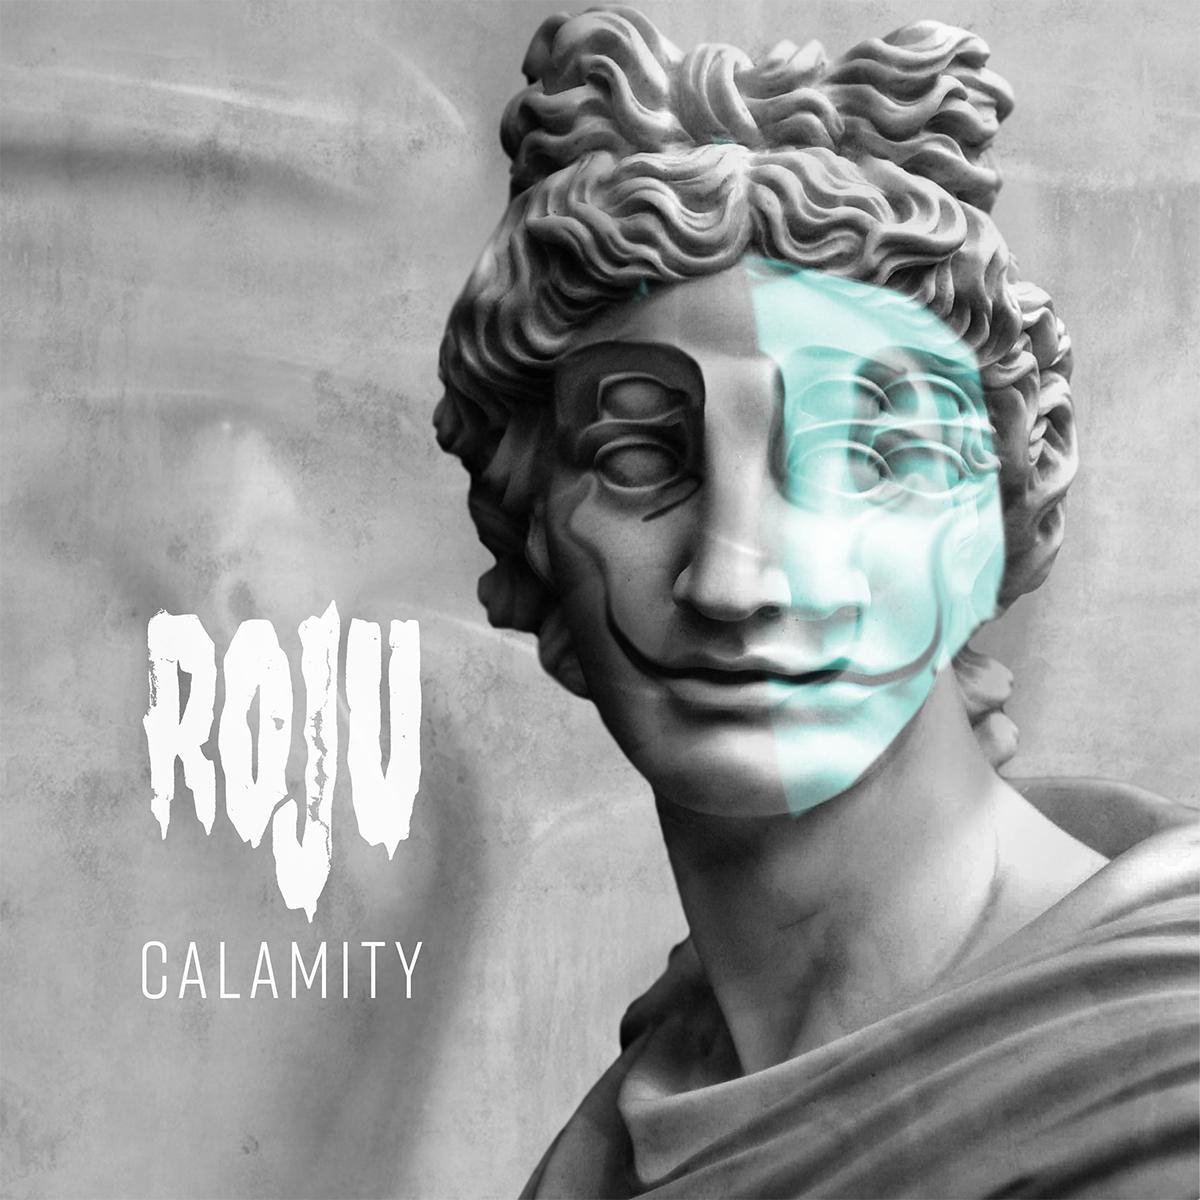 Roju: Calamity